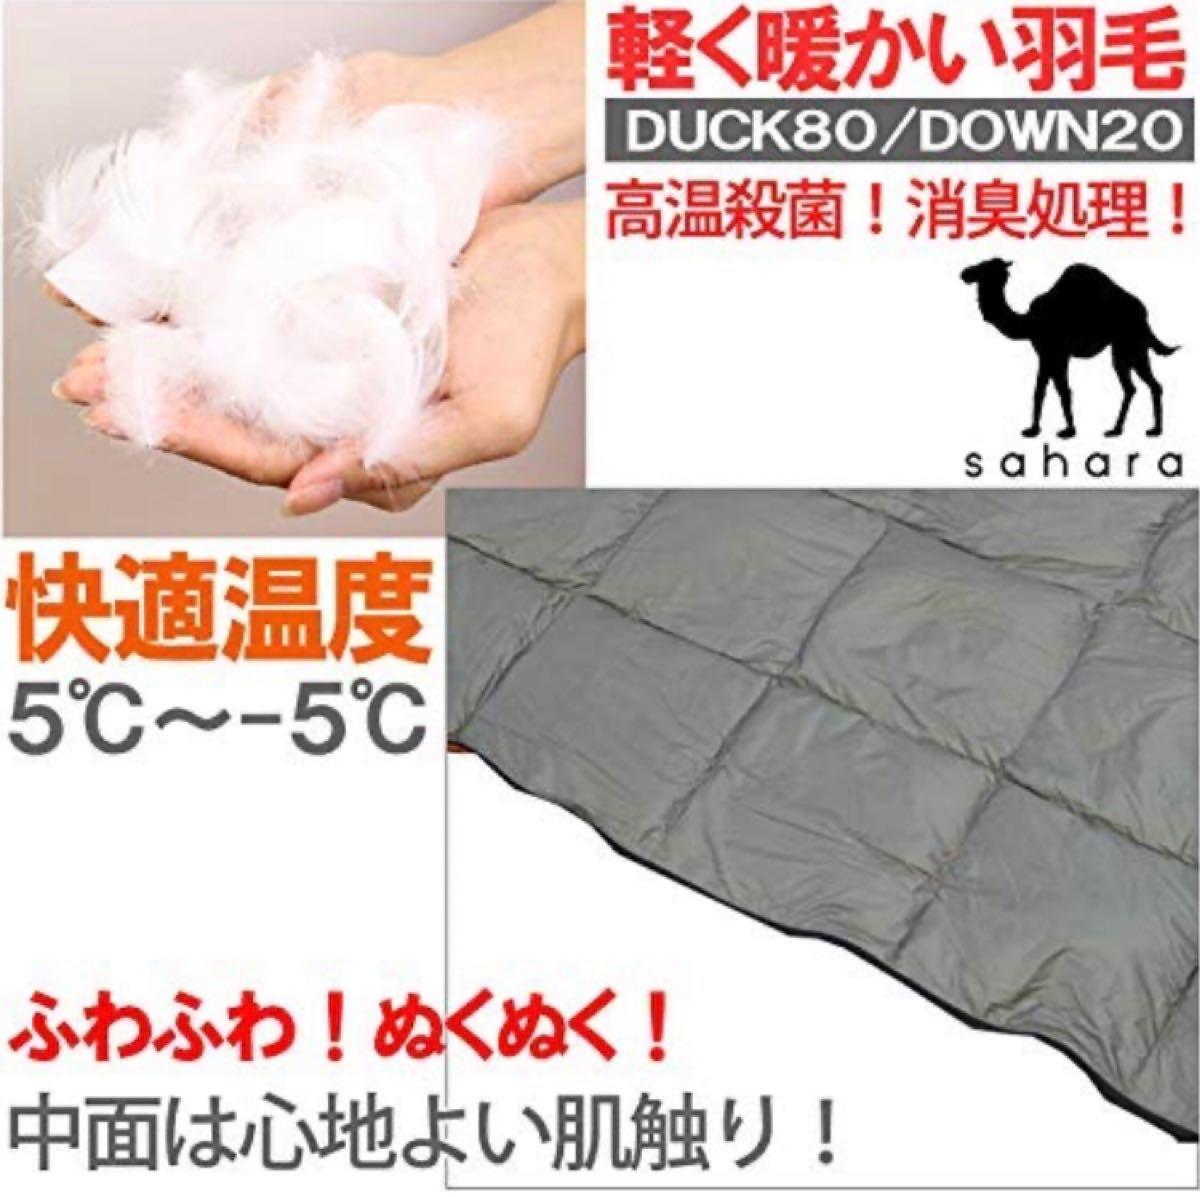 ダウン 寝袋 ダークグリーン シュラフ 封筒型 キャンプ オールシーズン -5℃ アウトドア 軽量 コンパクト 緑 高級ダウン